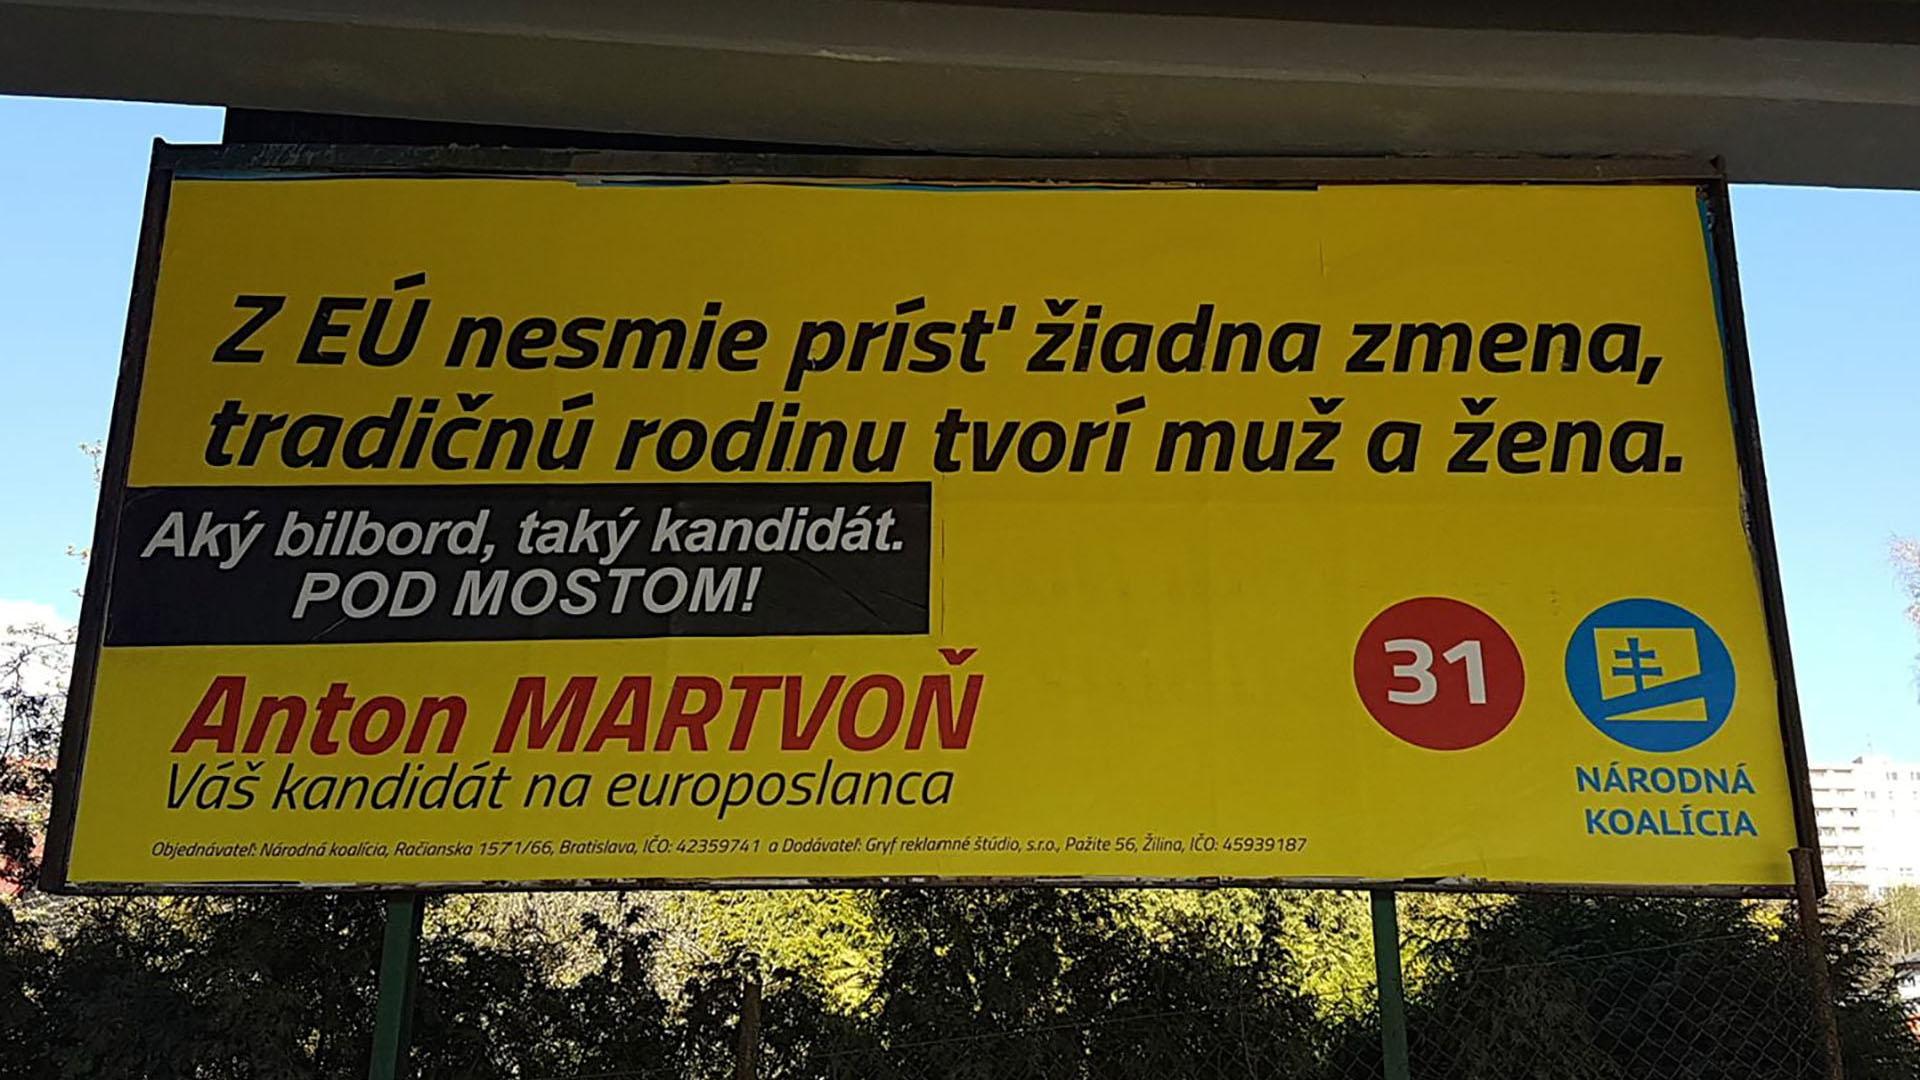 Podpredsedovi Národnej koalície Martvoňovi poškodili dve desiatky bilbordov